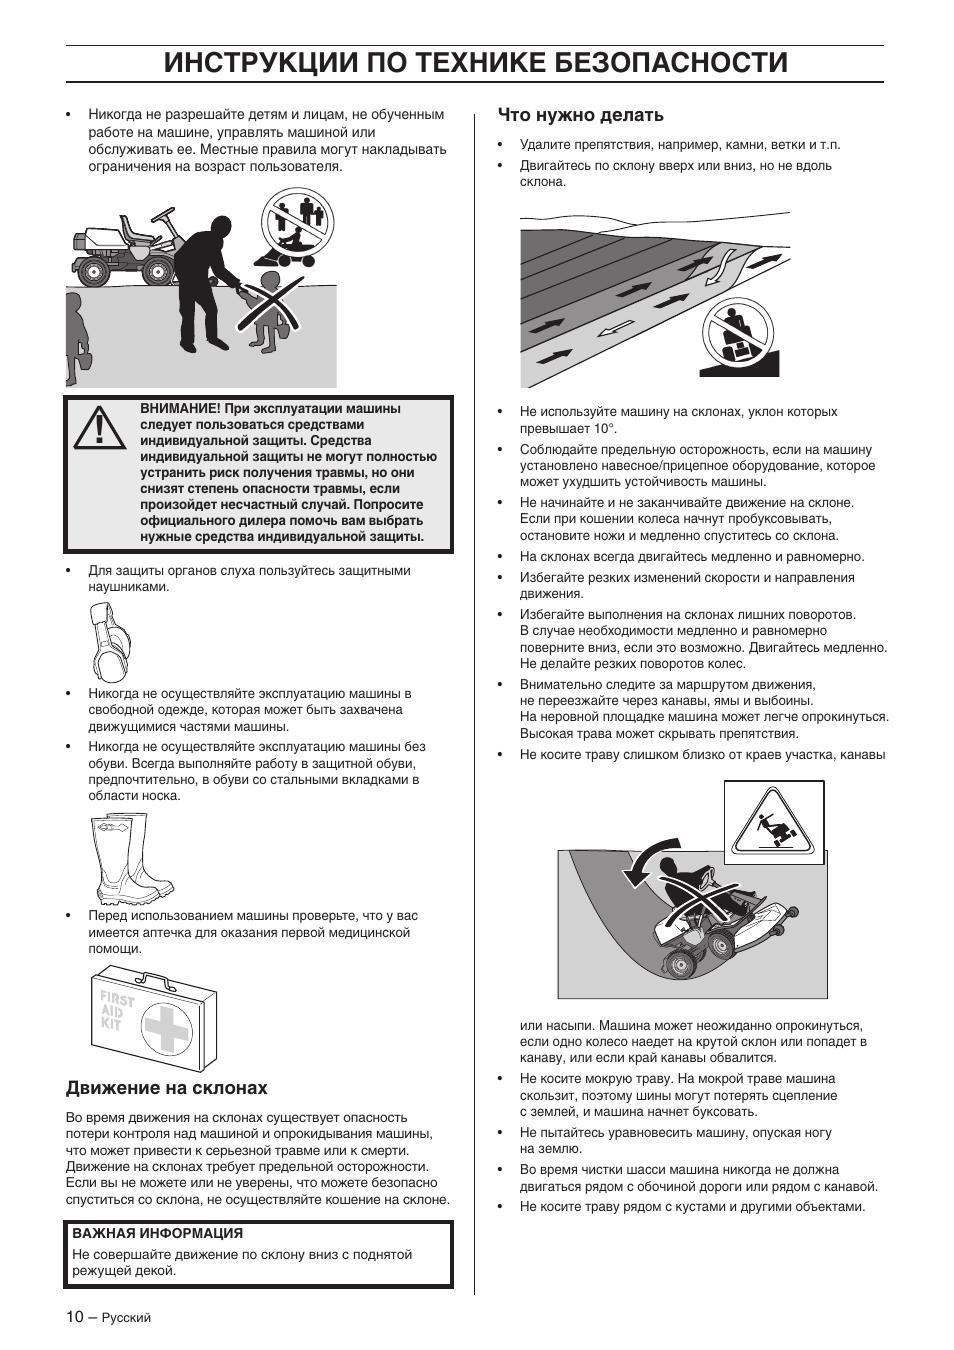 инструкции по технике безопасности на производстве работ